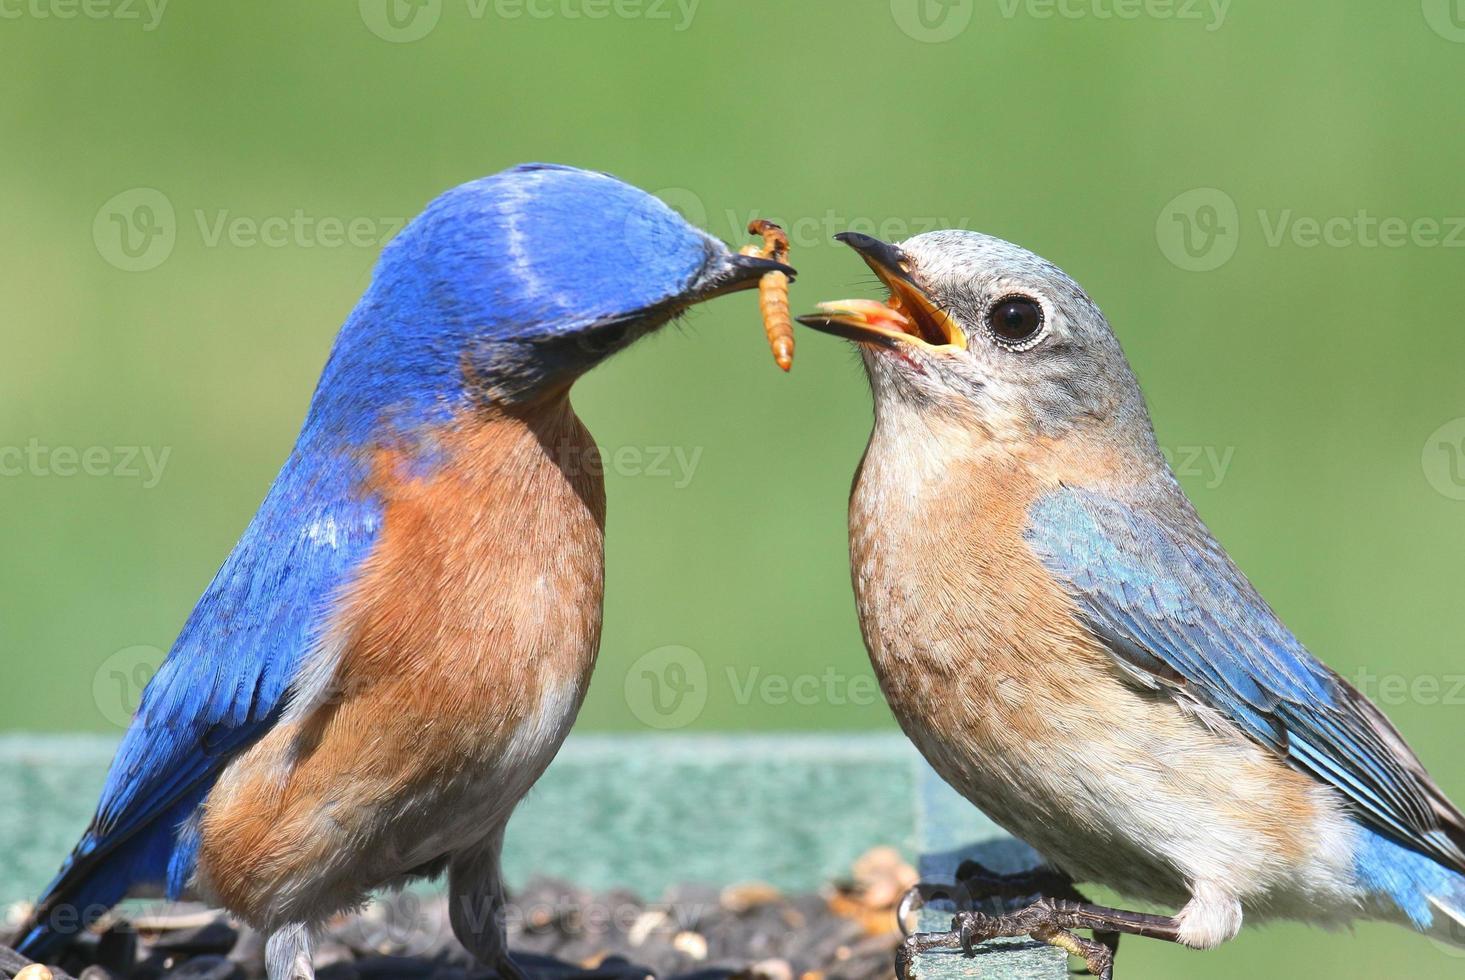 maschio e femmina uccello azzurro orientale foto